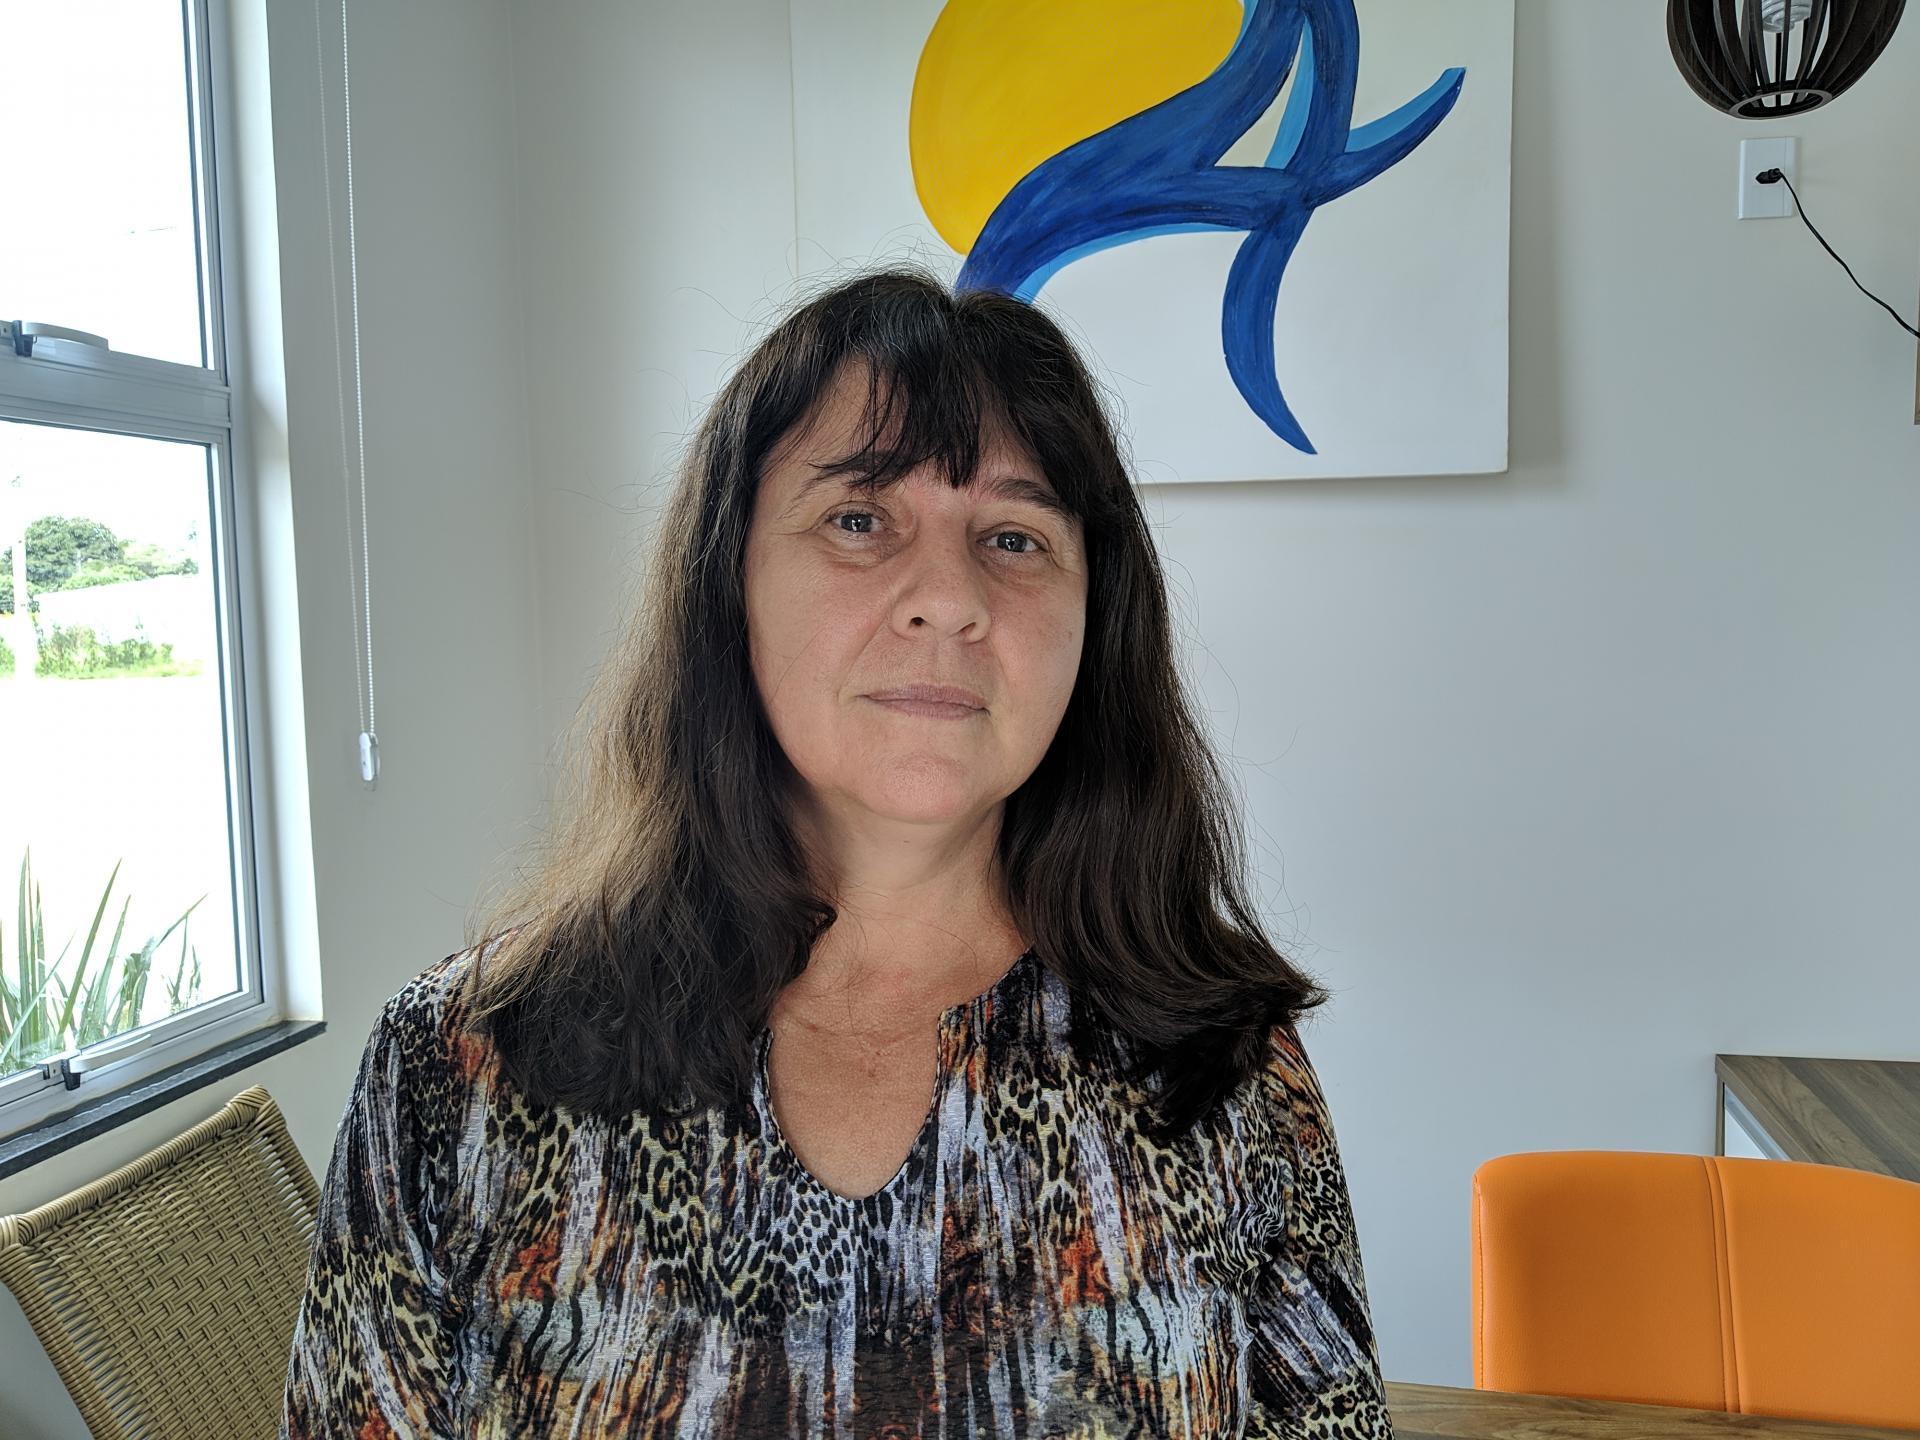 Entrevista com a Secretária de Educação de Chapadão do Céu, Nailde Volk